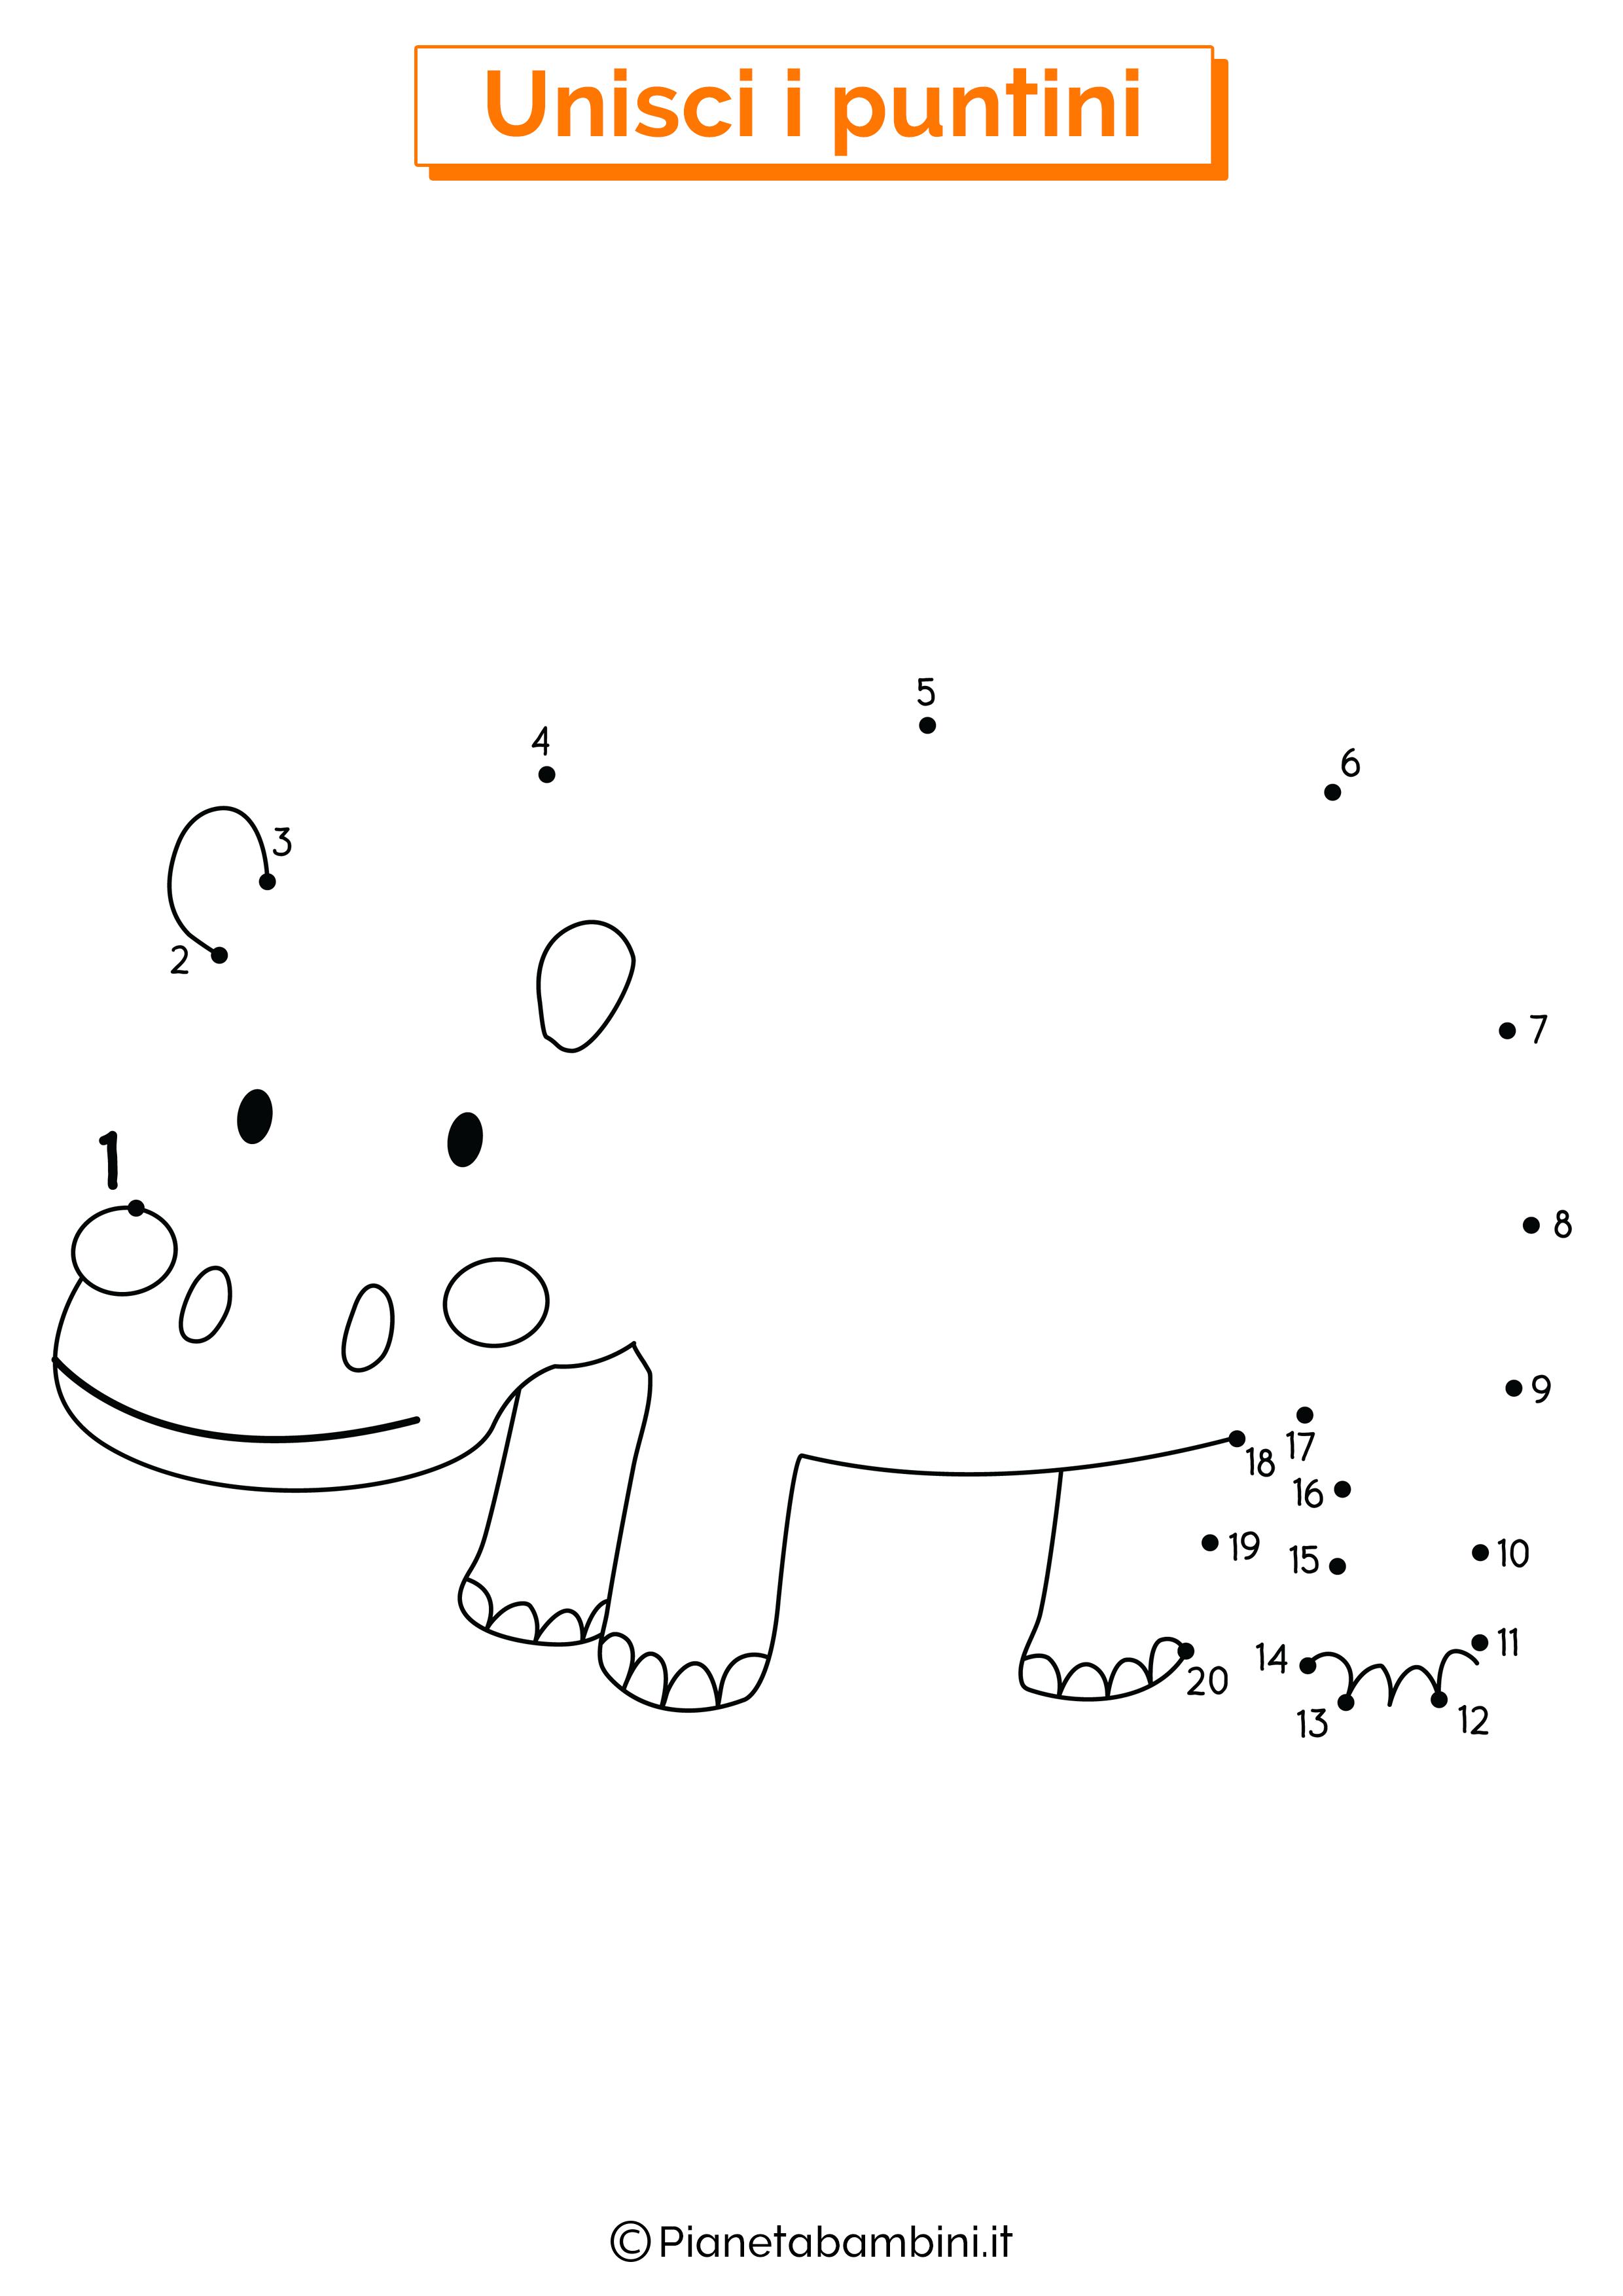 Disegno unisci i puntini ippopotamo